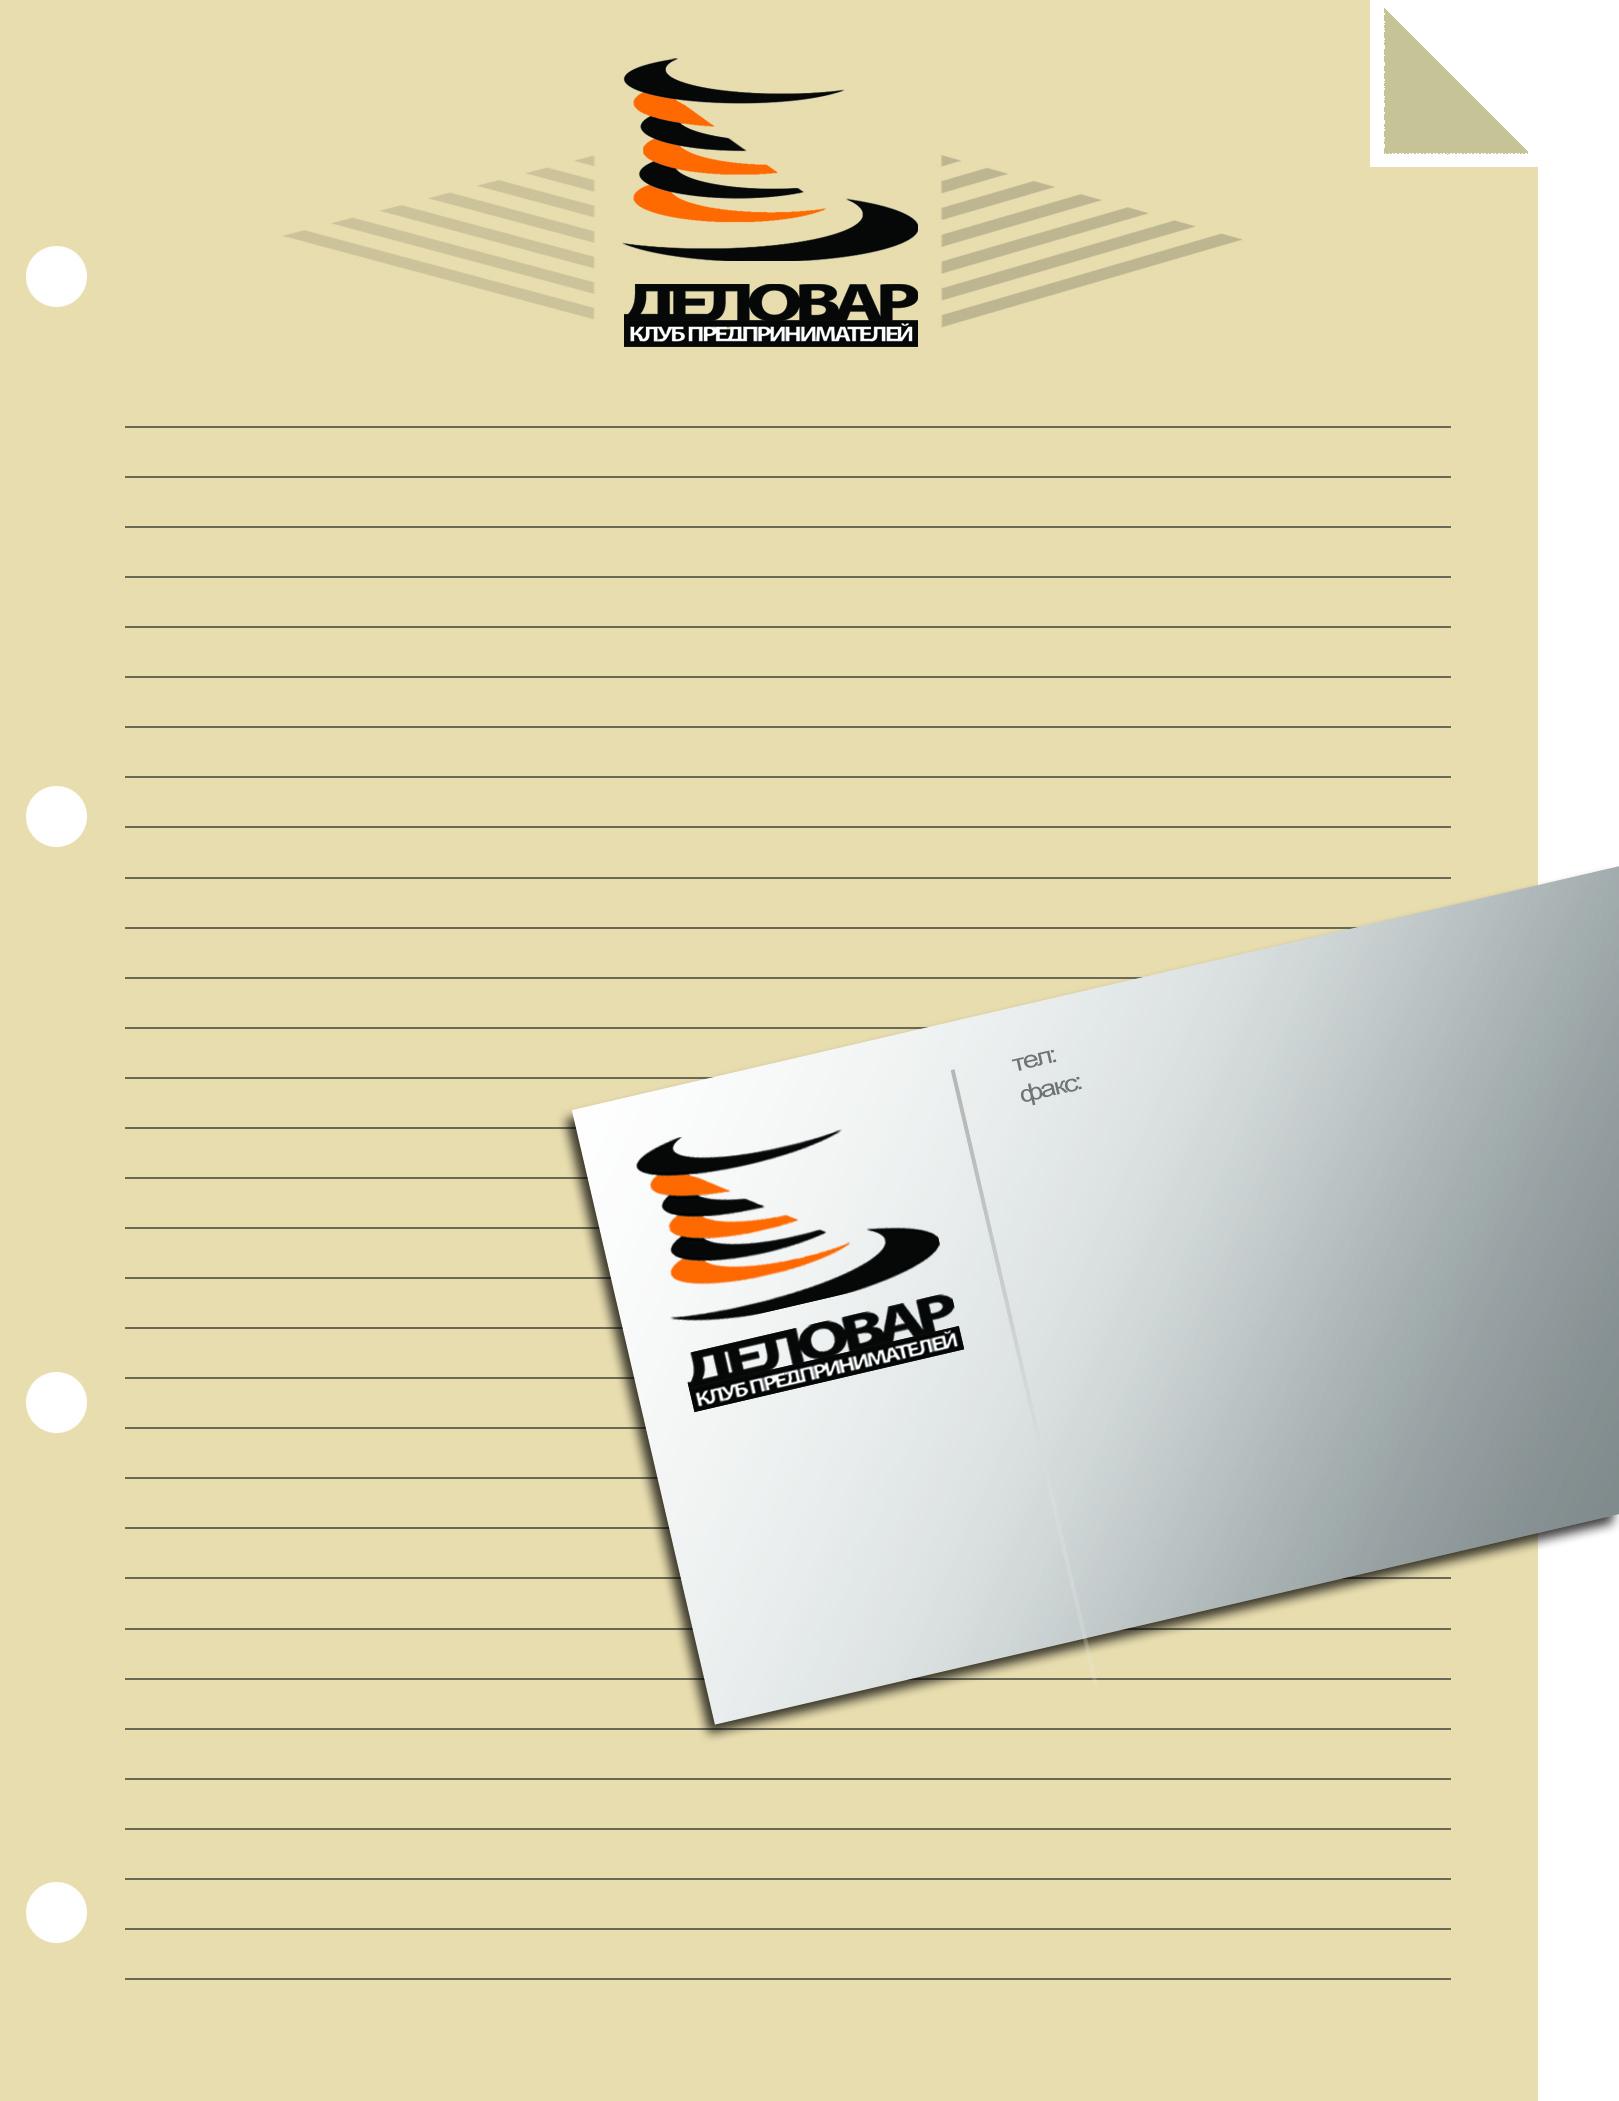 """Логотип и фирм. стиль для Клуба предпринимателей """"Деловар"""" фото f_5048917898503.jpg"""